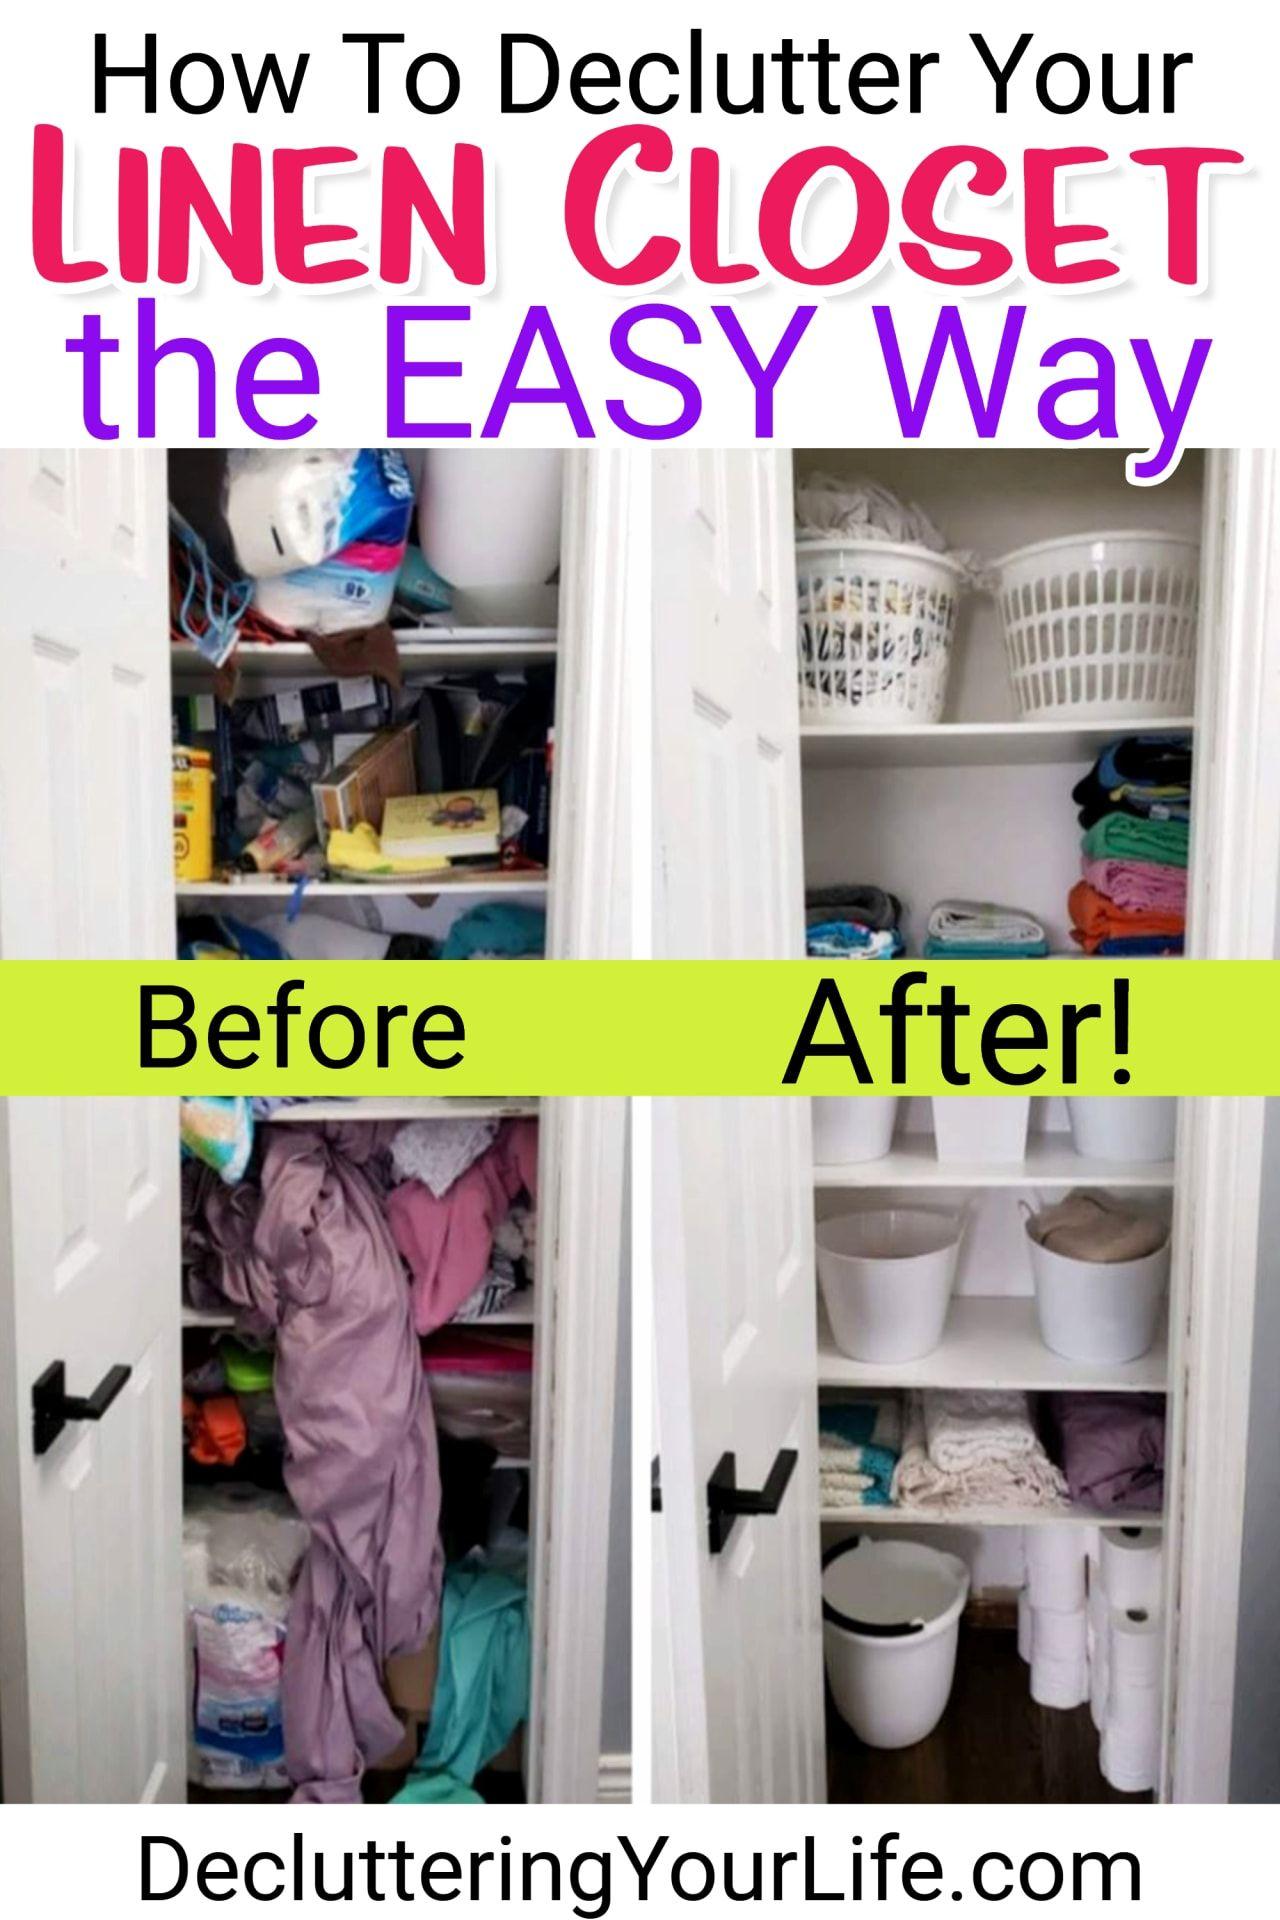 Diy Linen Closet Decluttering And Organization Ideas Closet Hacks Organizing Linen Closet Linen Closet Organization Diy